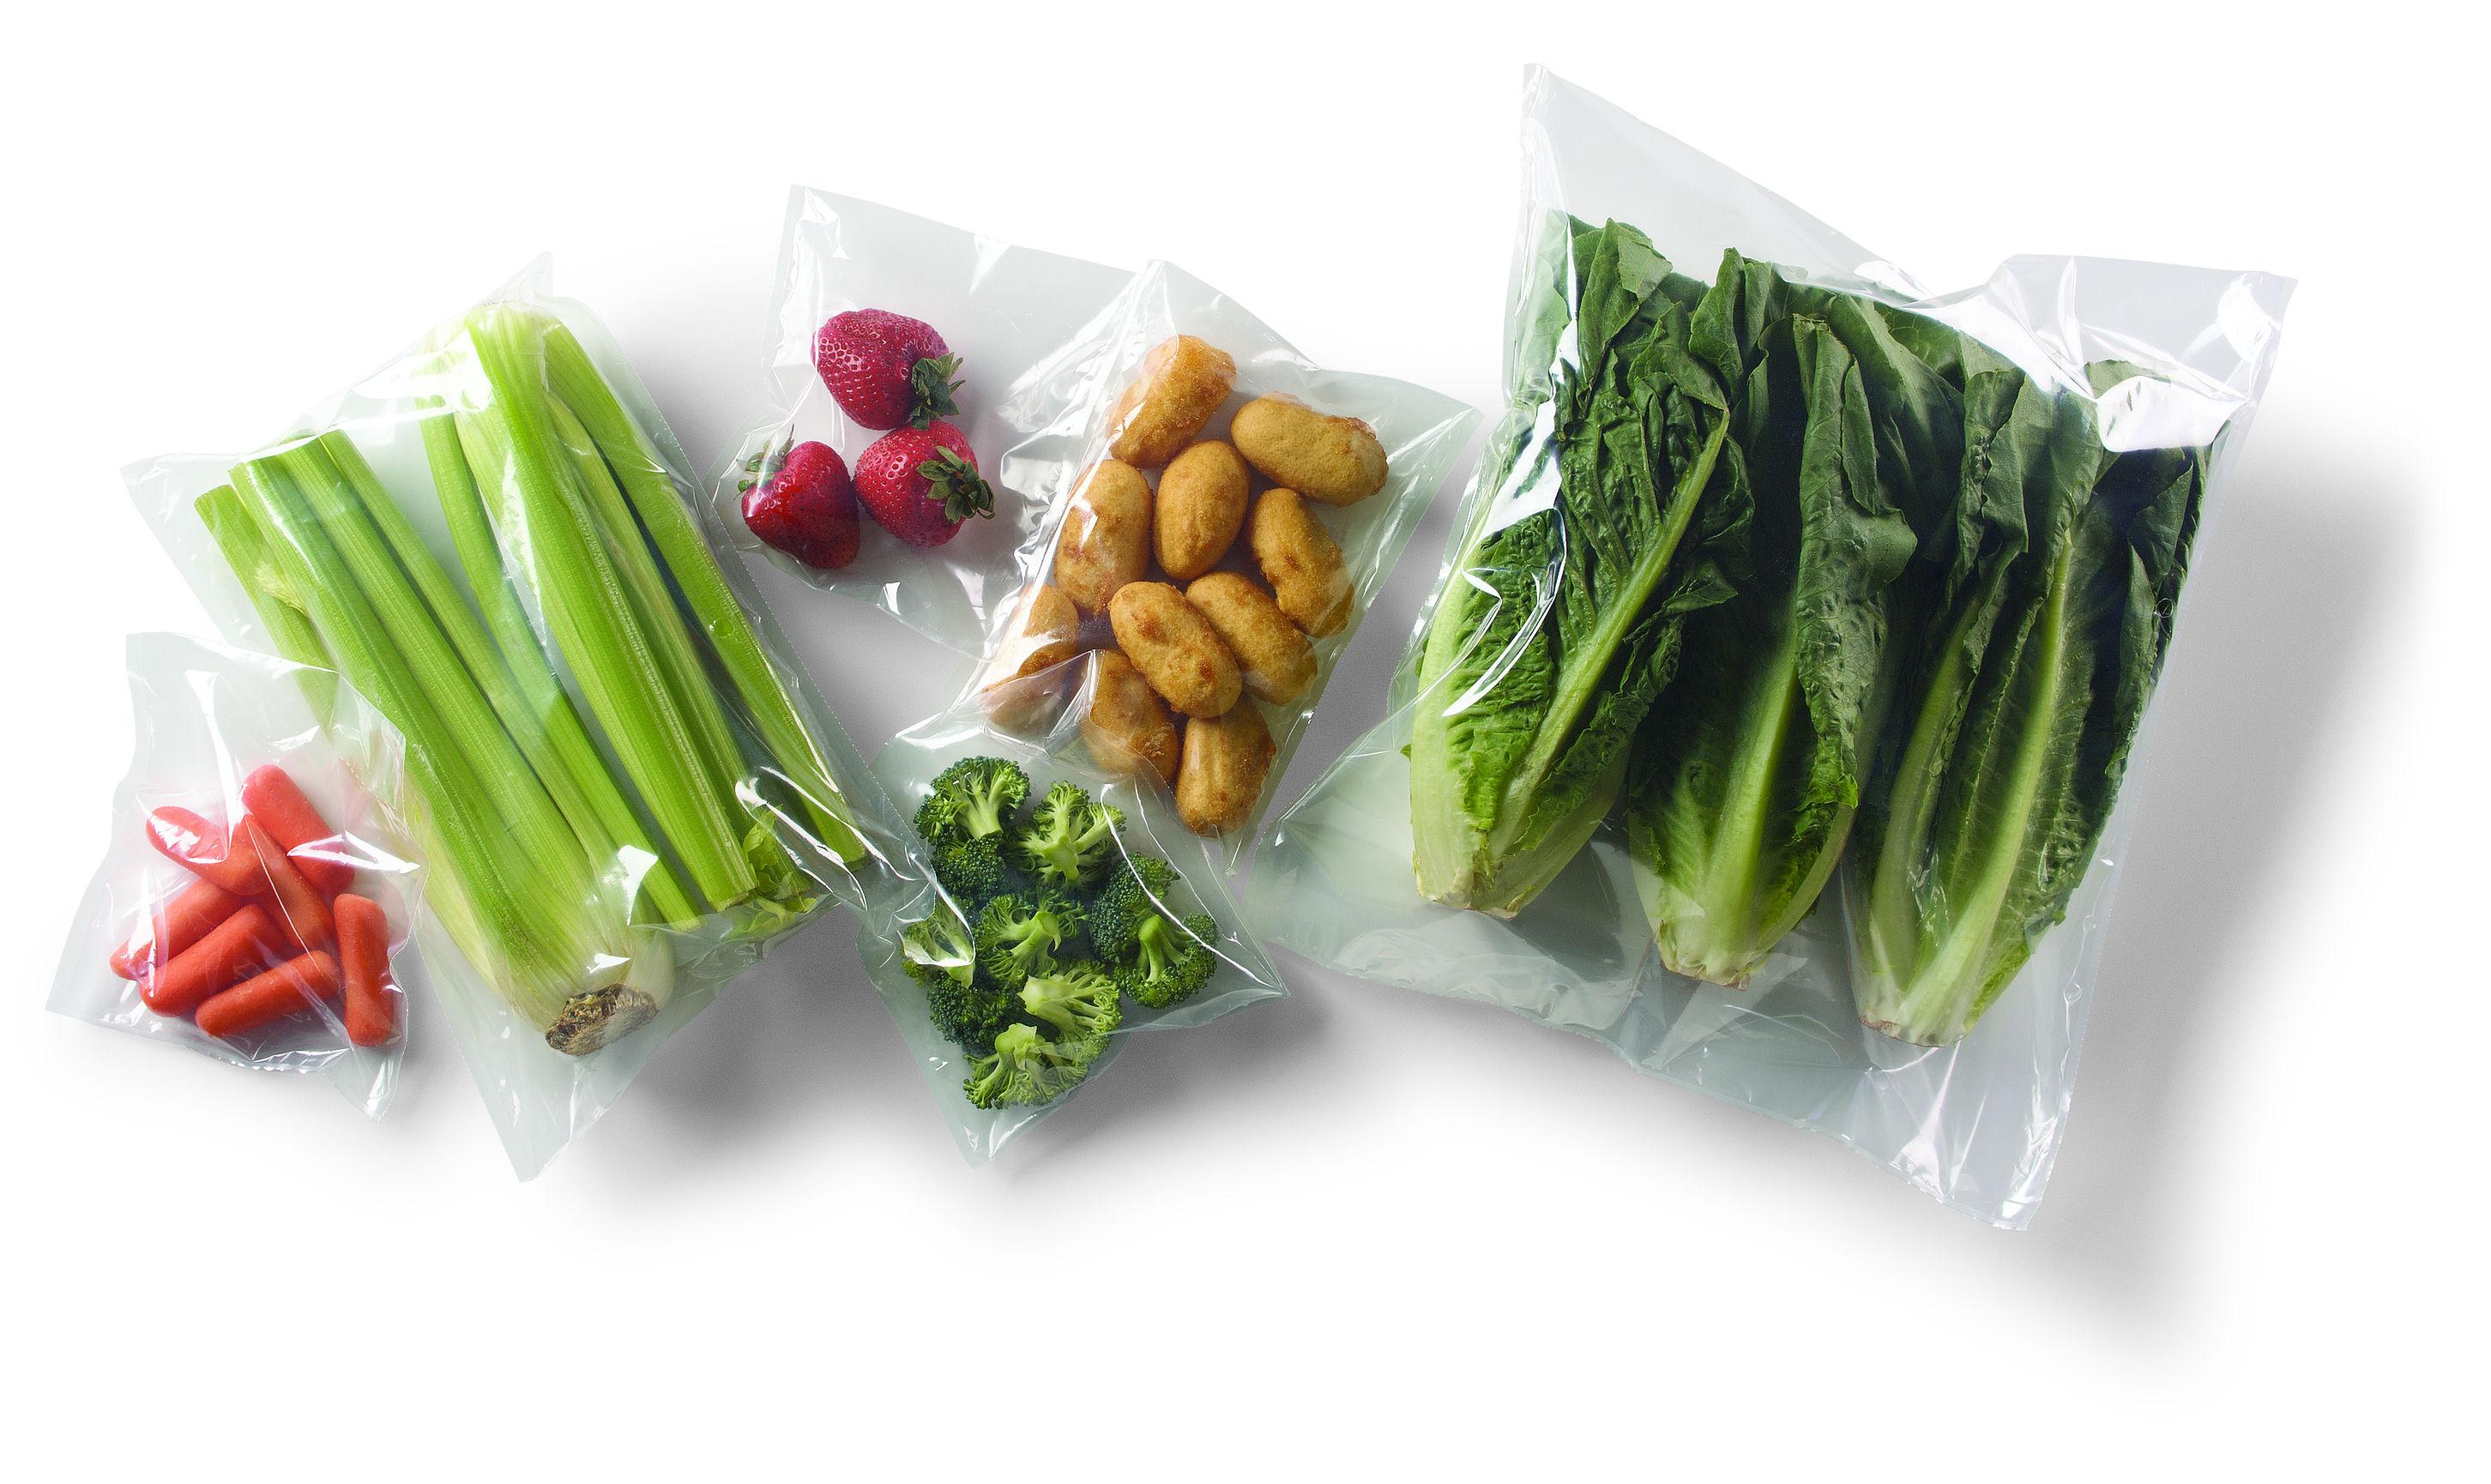 AIB Richtlinien zur Lebensmittelsicherheit